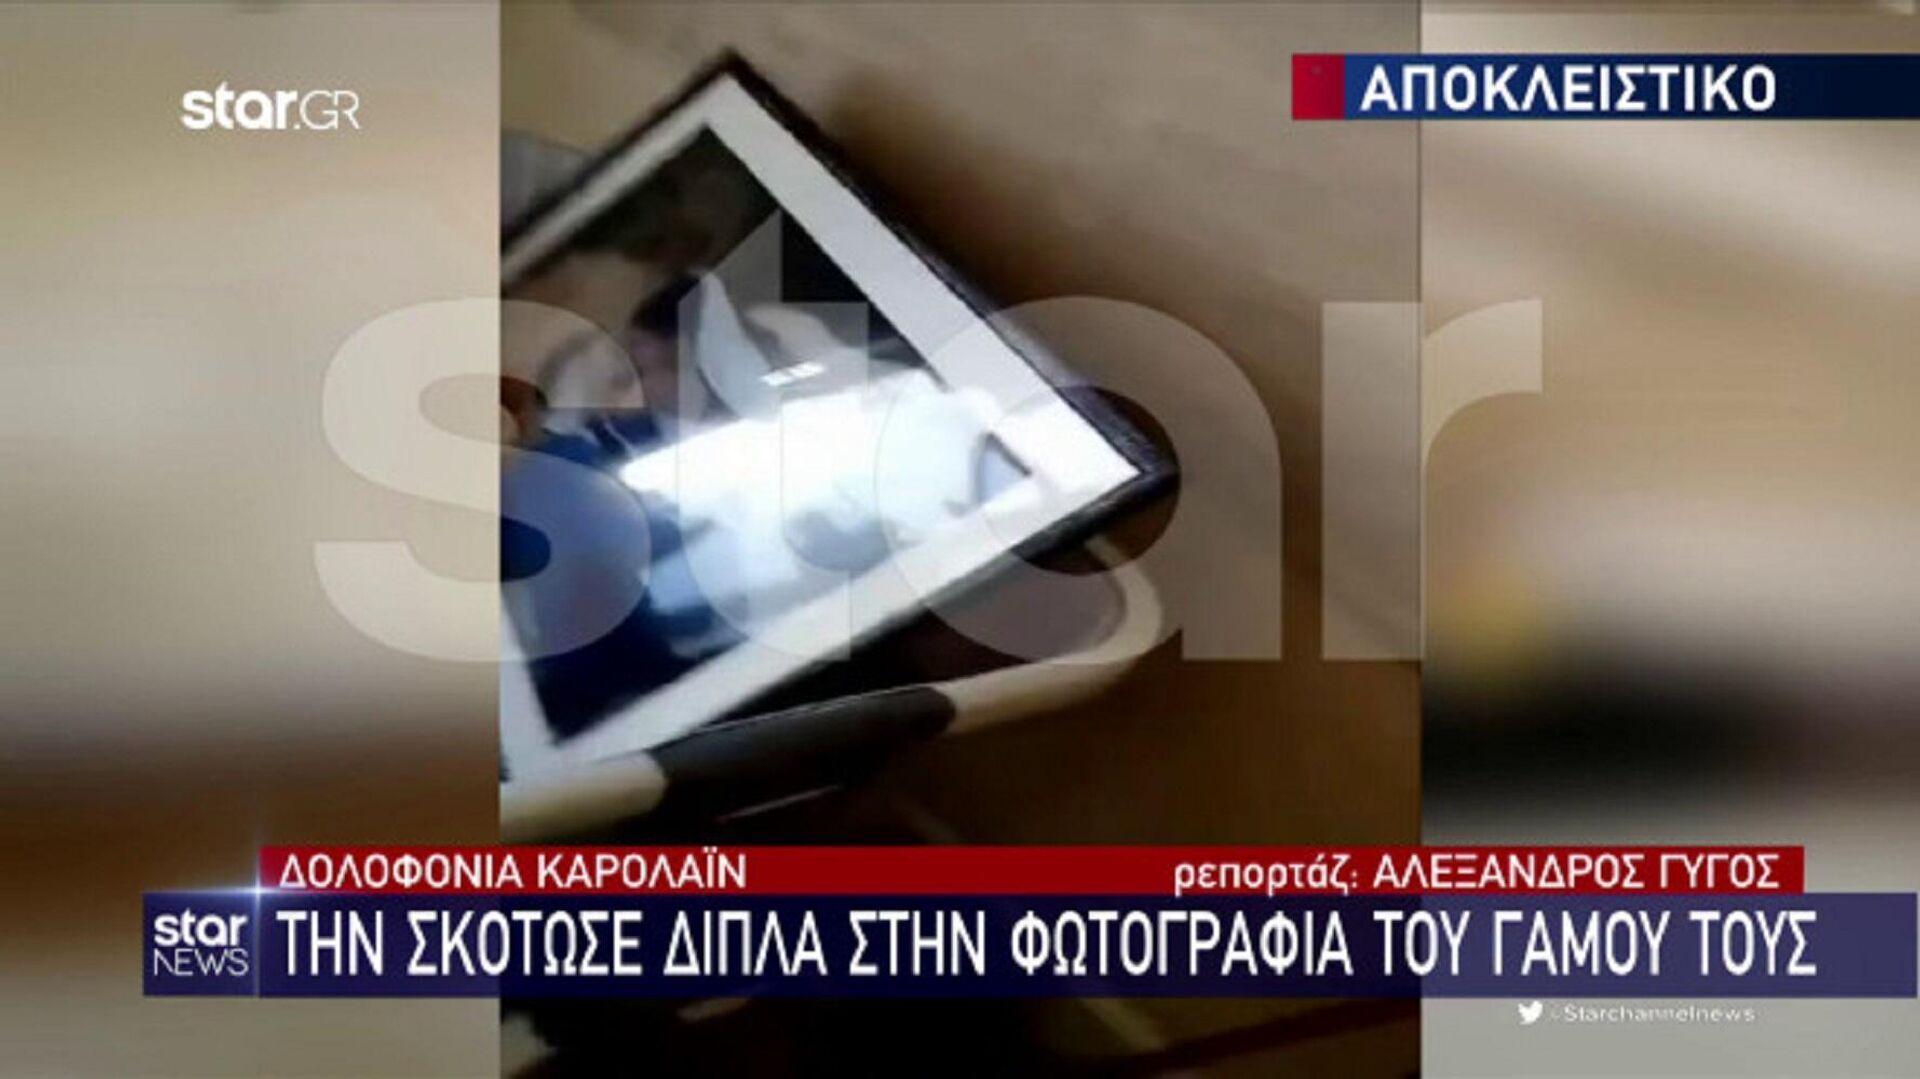 Ο πιλότος έπνιξε την Καρολάιν δίπλα στη φωτογραφία του γάμου τους - Sputnik Ελλάδα, 1920, 20.09.2021